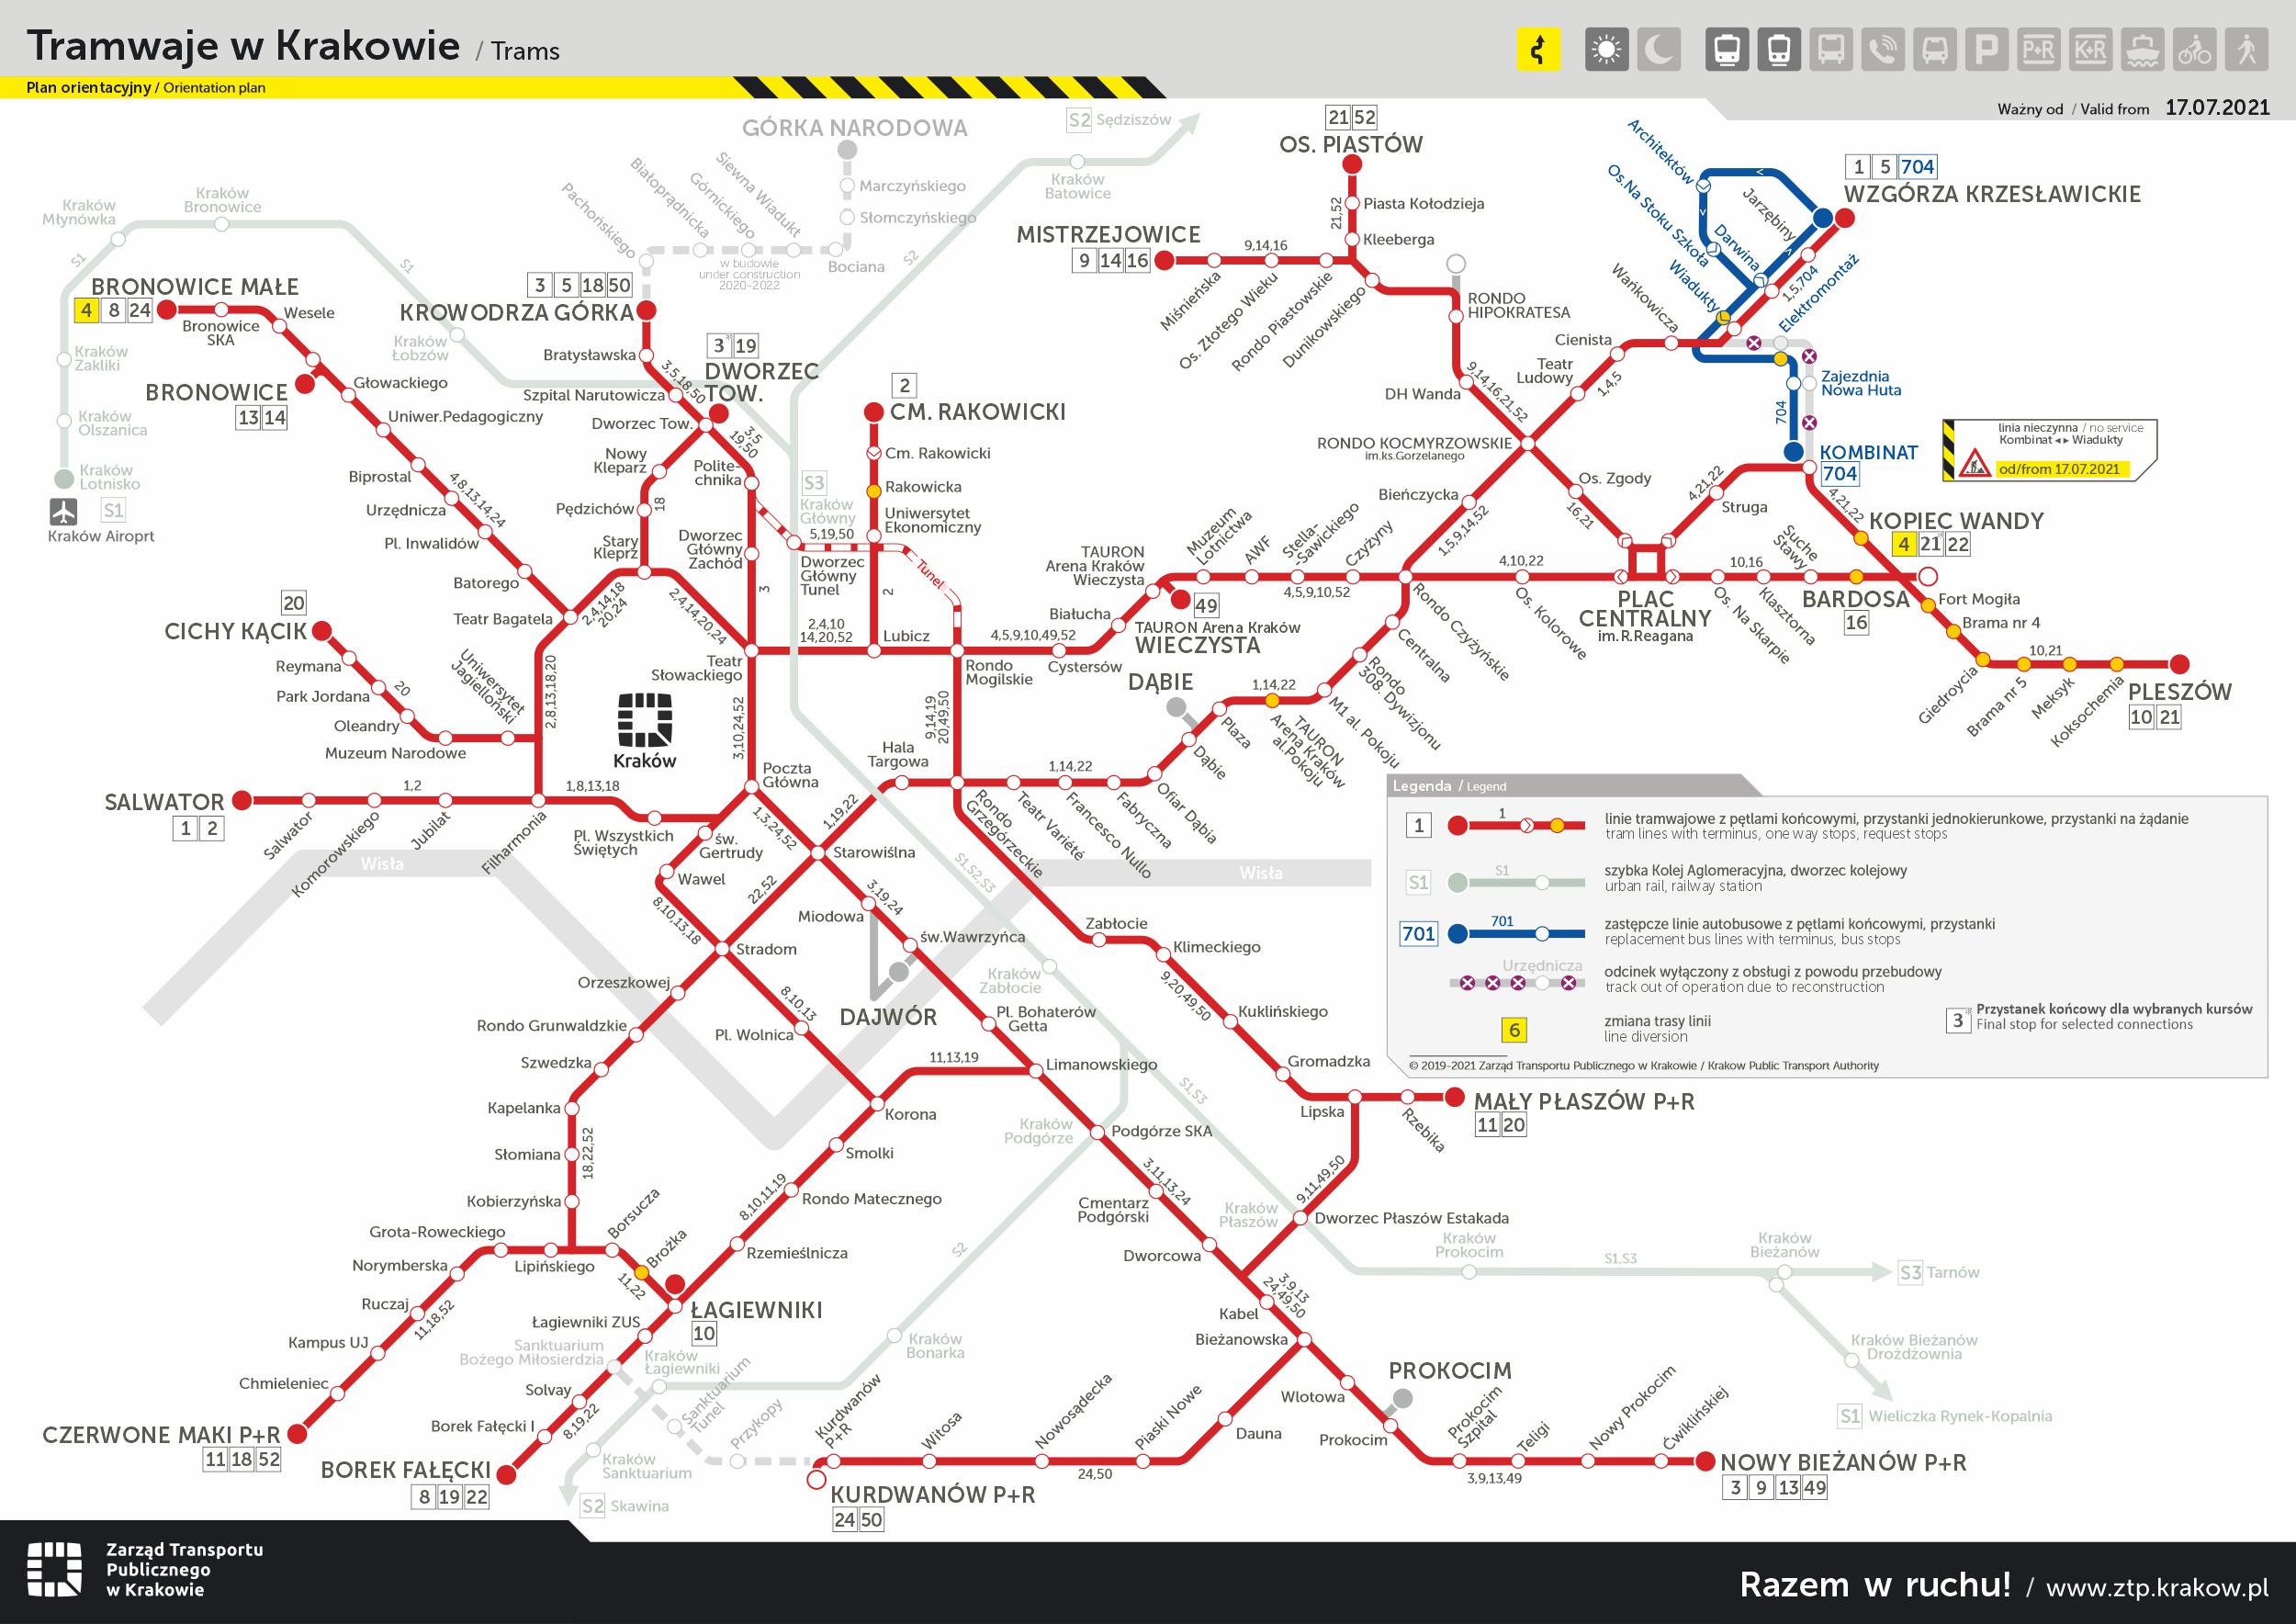 Schemat linii tramwajowych - zmiany czasowe